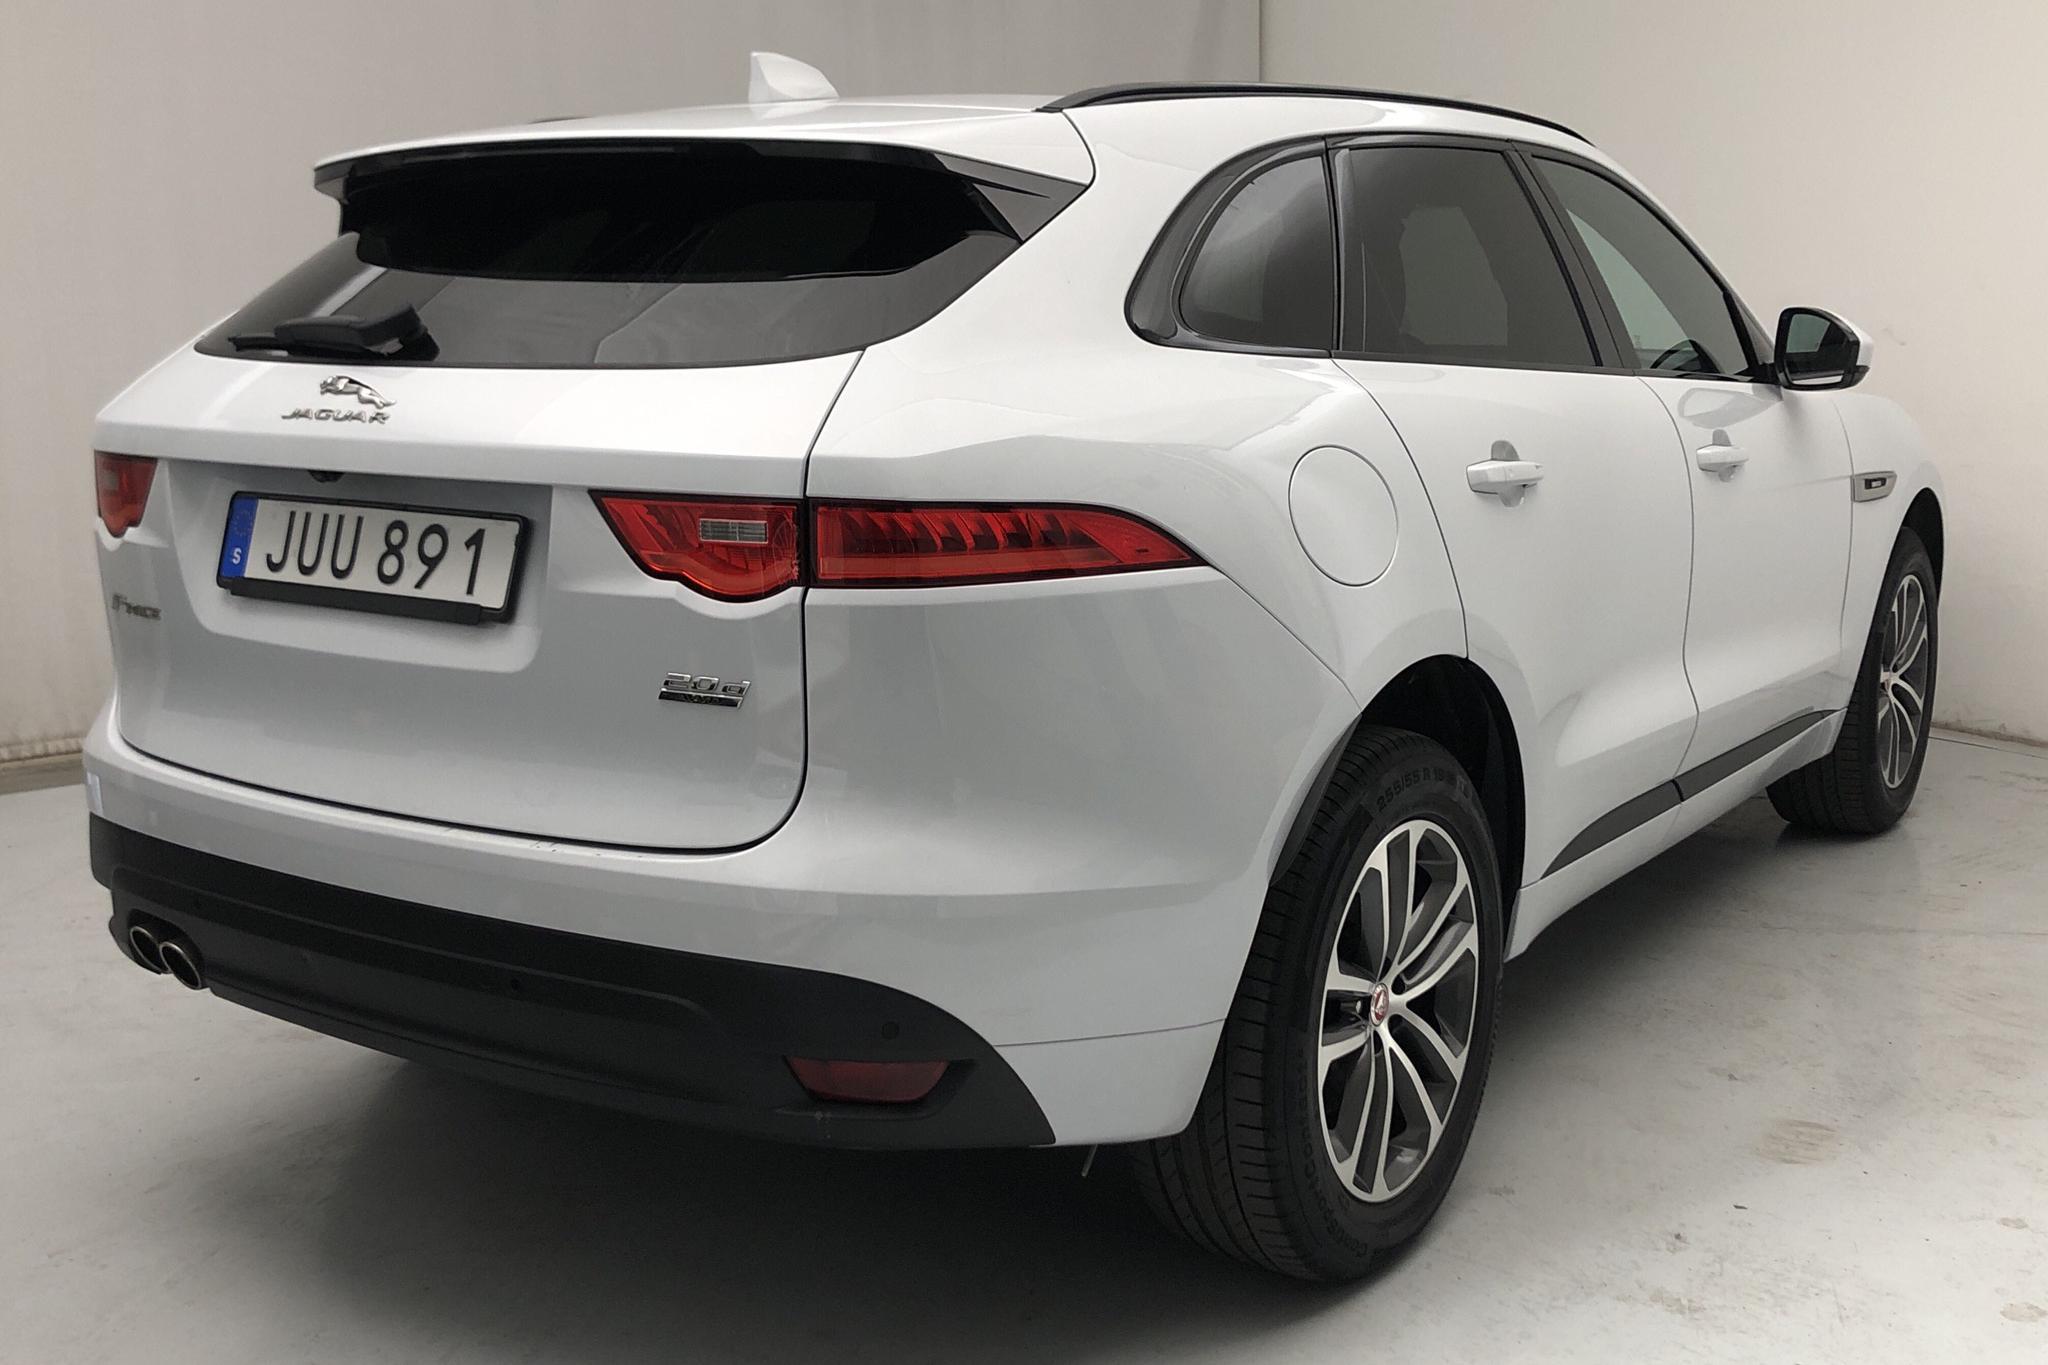 Jaguar F-Pace 20D AWD (180hk) - 10 880 mil - Automat - vit - 2018